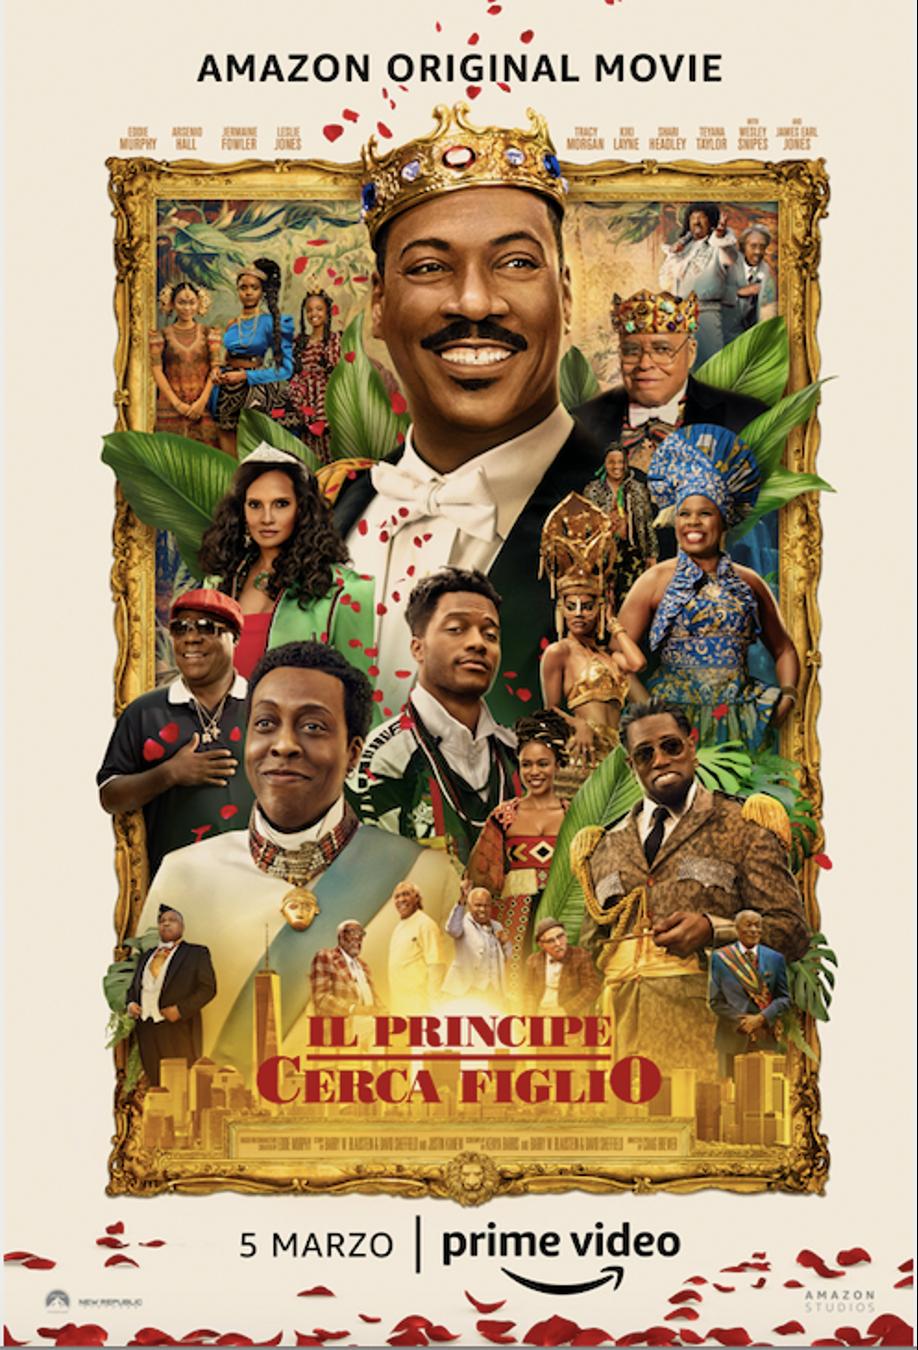 IL PRINCIPE CERCA FIGLIO - Trailer ufficiale e poster